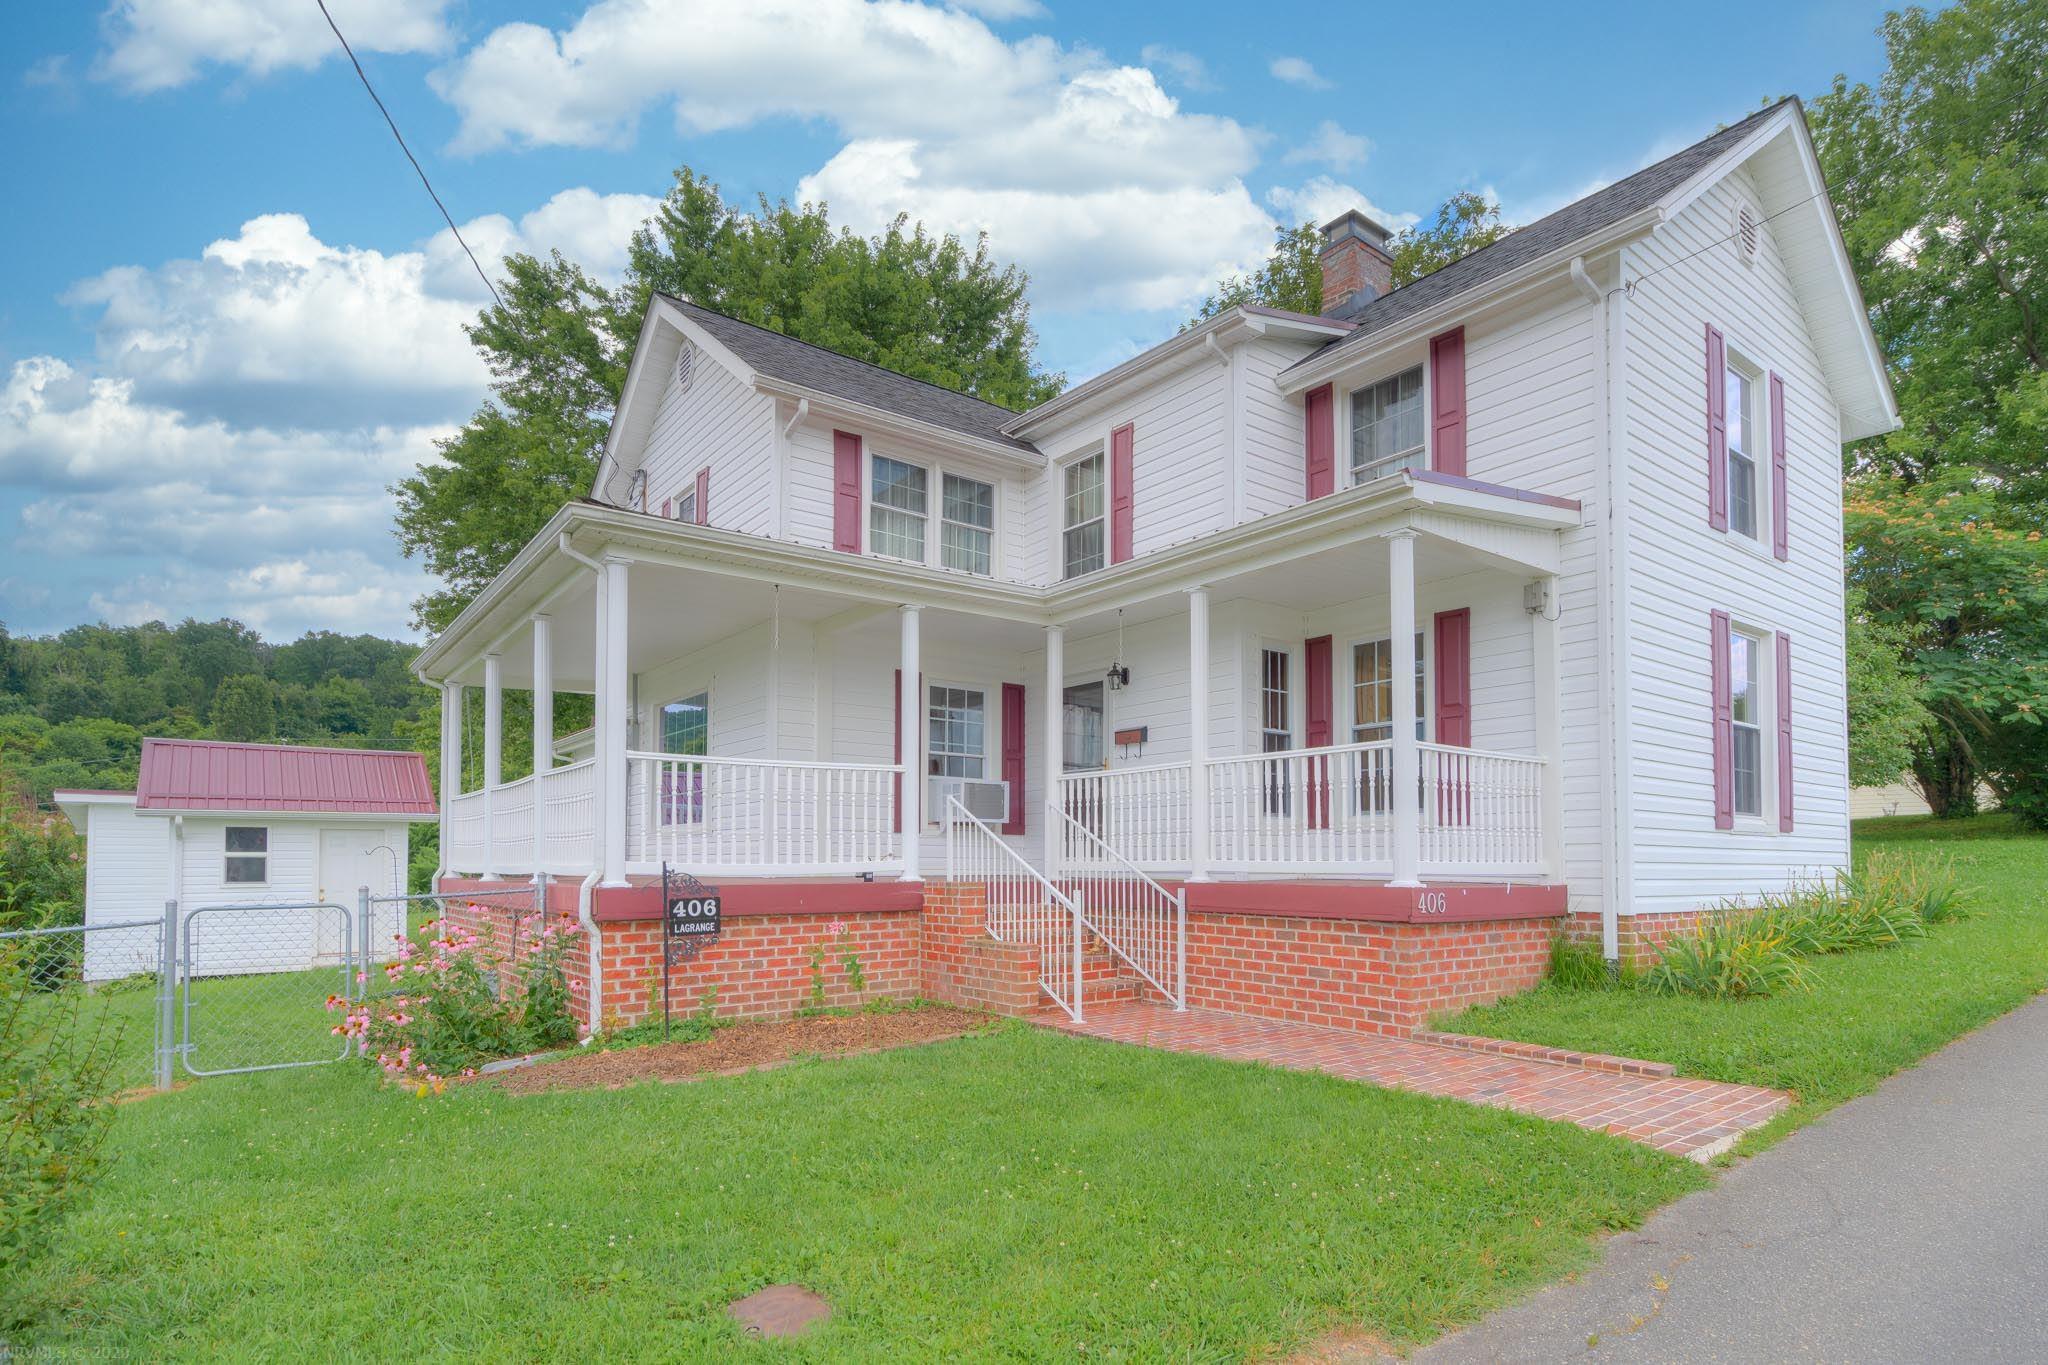 406  Lagrange,  Pulaski, VA